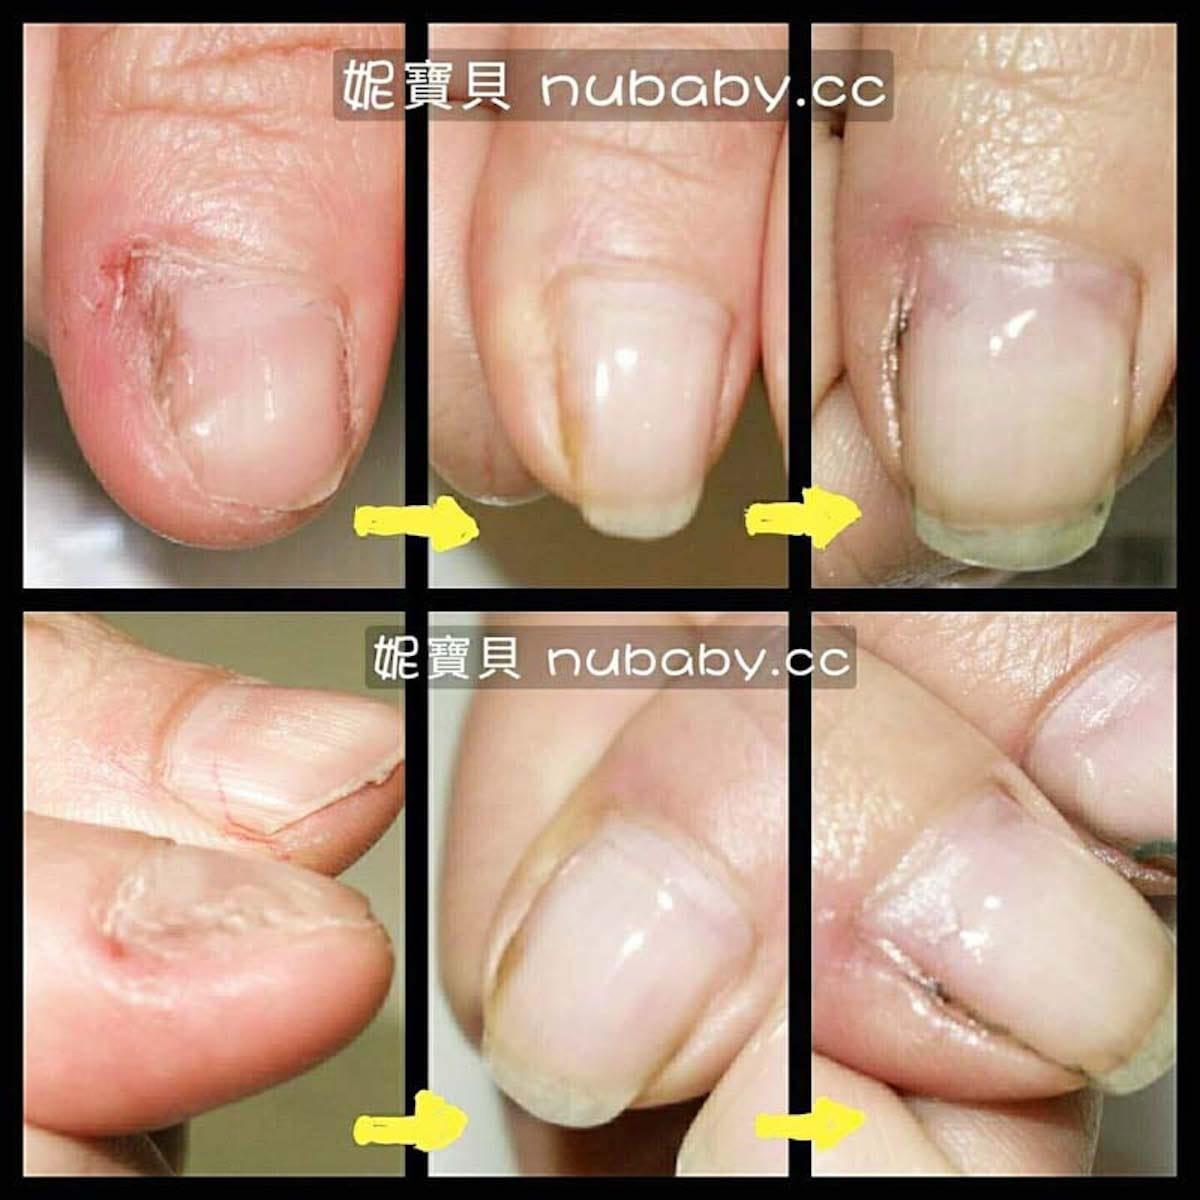 摳甲指甲矯正-國小美術老師指甲受傷長不大